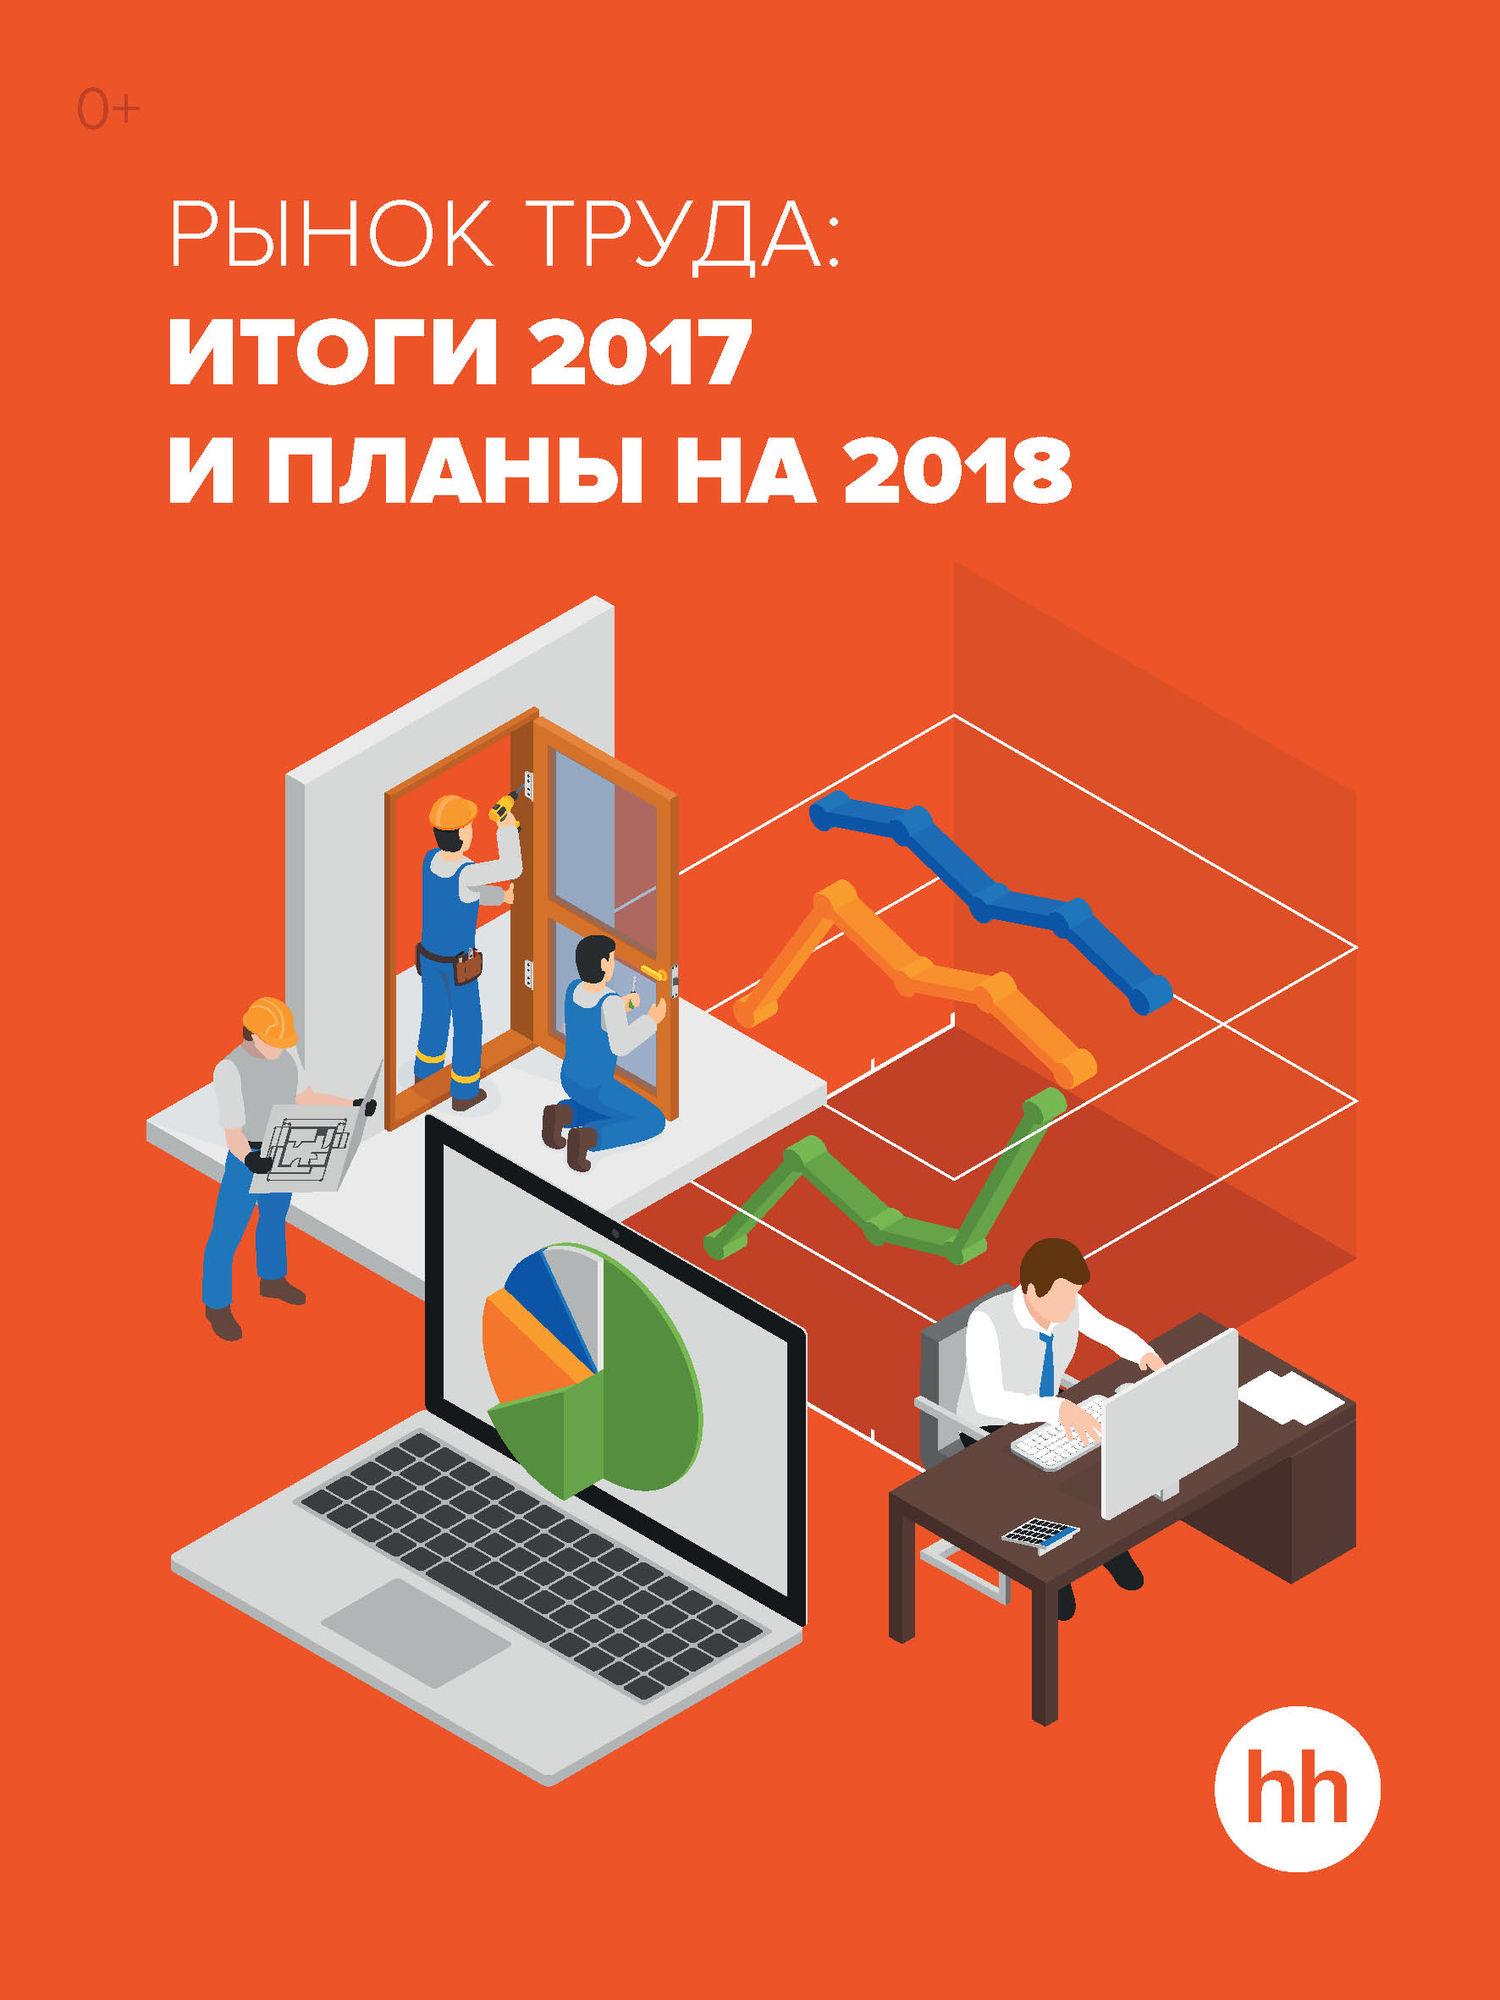 Отсутствует. Рынок труда: итоги 2017 и планы на 2018